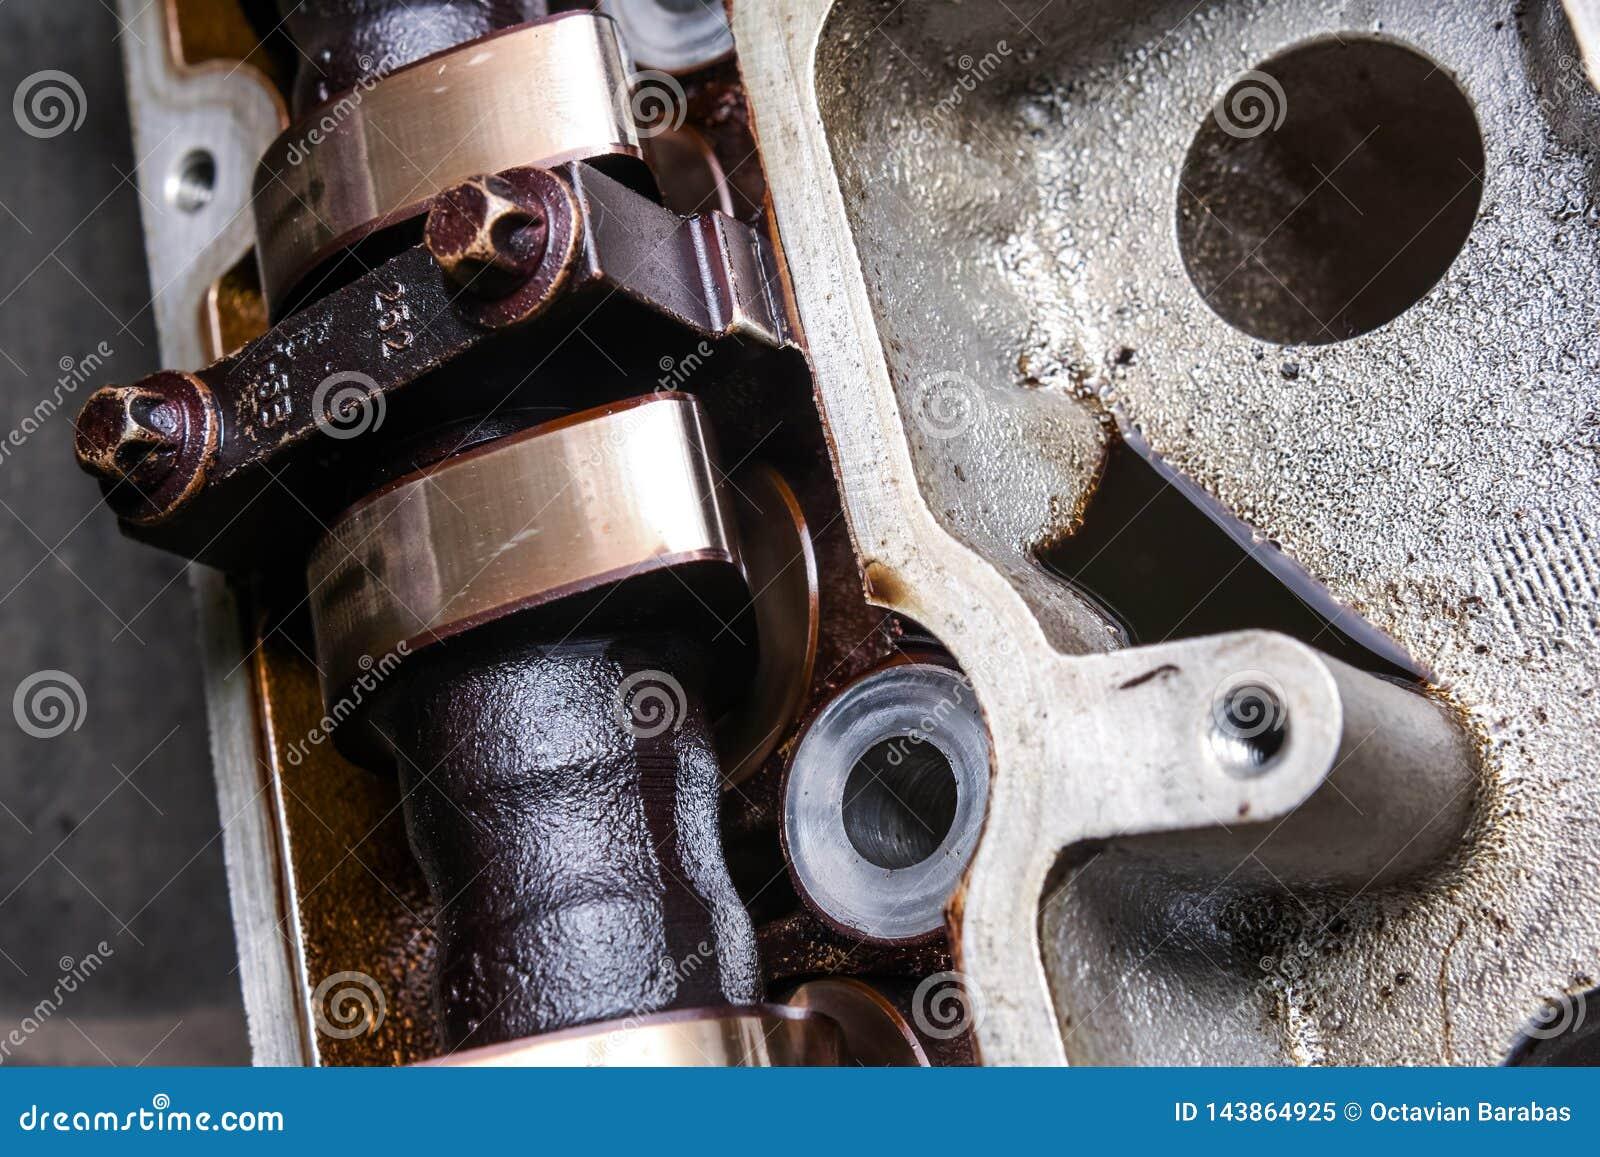 Close up do eixo de cames usado no motor de automóveis